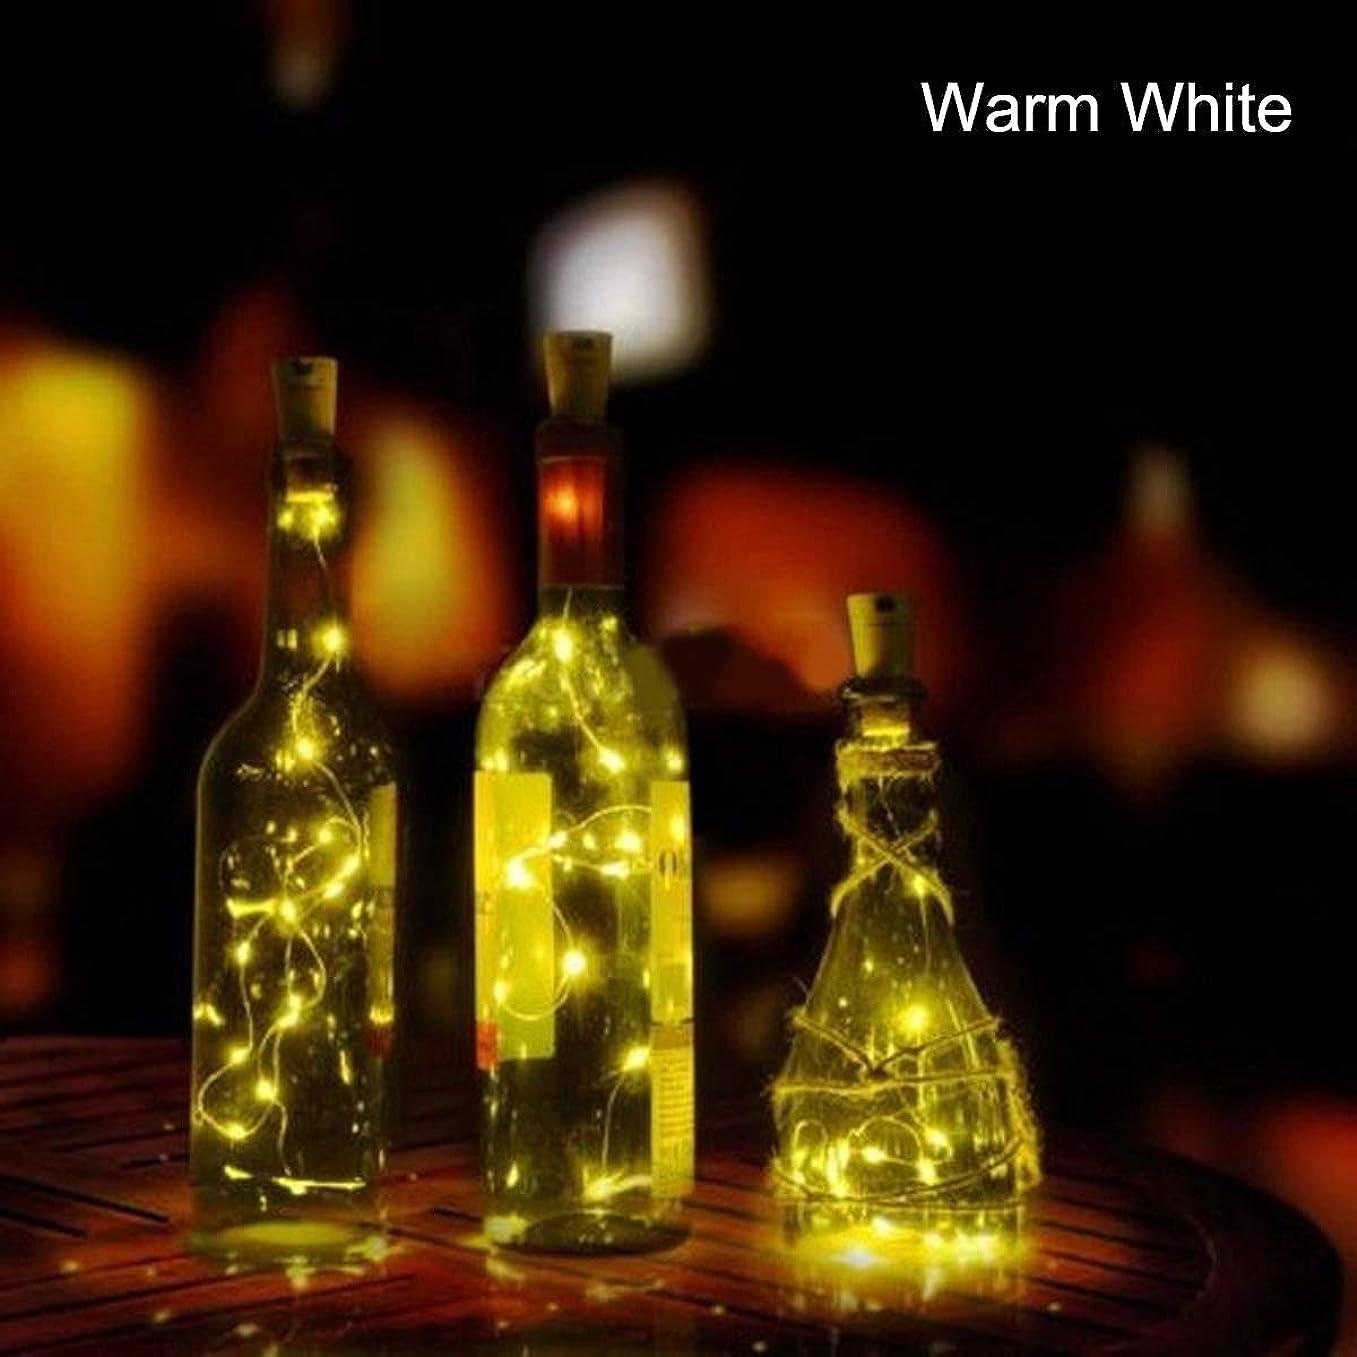 染色ねじれ毎回ライフ小屋 ledライト ボトルライト ワインボトルライト 太陽光充電 コルク型 2M 20個LED ledイルミネーションライト ソーラー充電式 コルク ライト クリスマスライト ソーラーパ ーティー クリスマス用 飾り用 (暖かい白光)